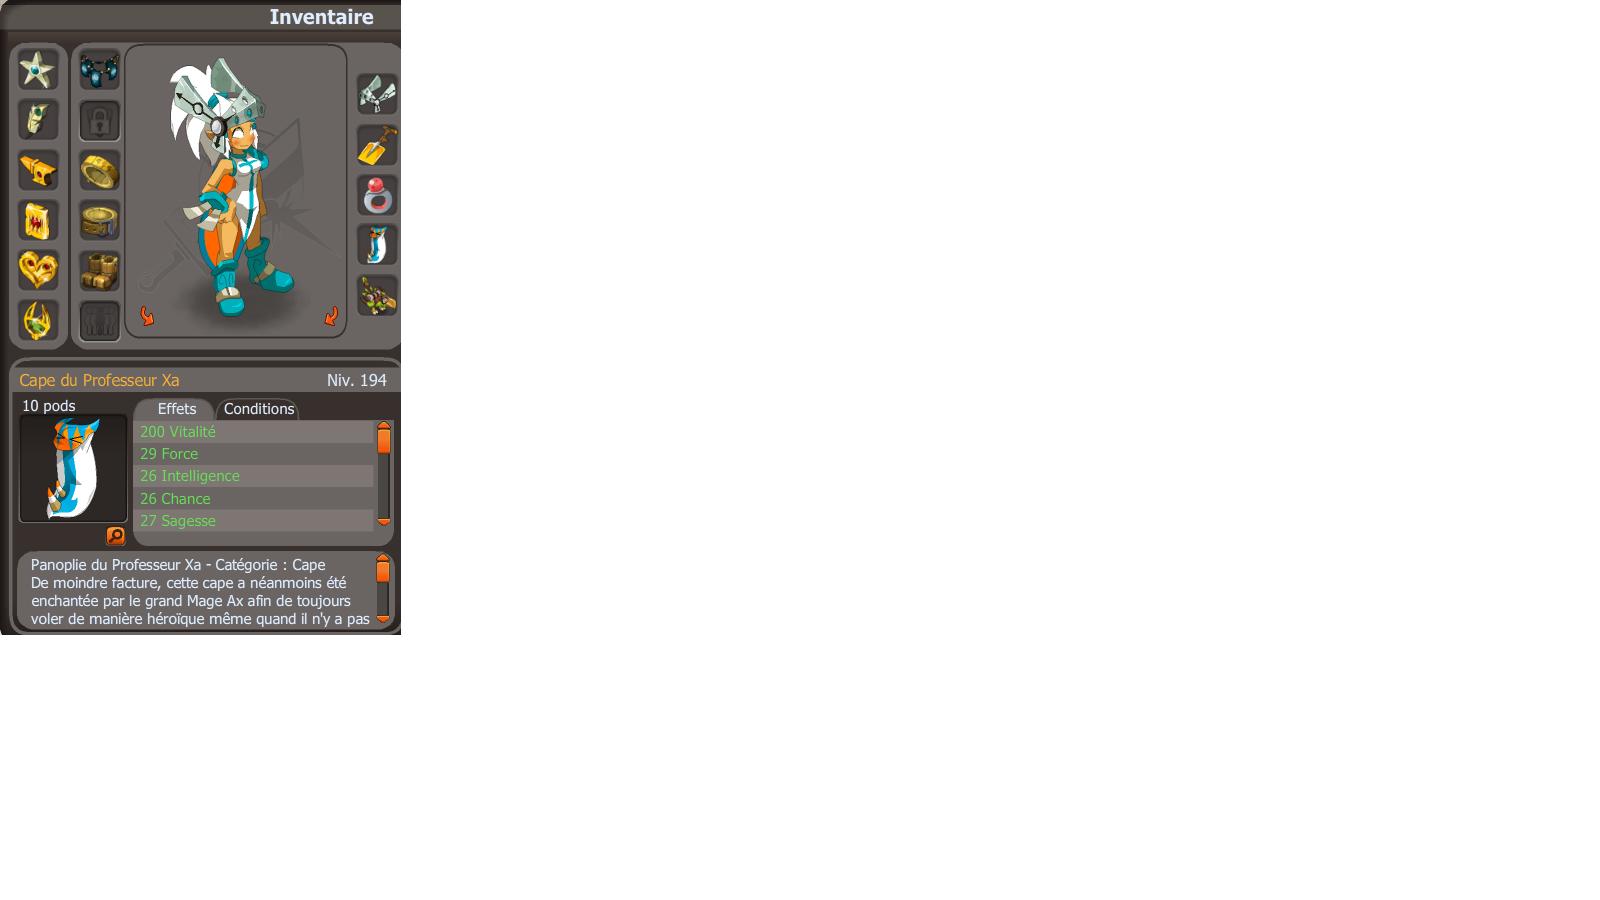 [Refusé][Candidature] Wlinter-Rox parainé par Shads Iop11